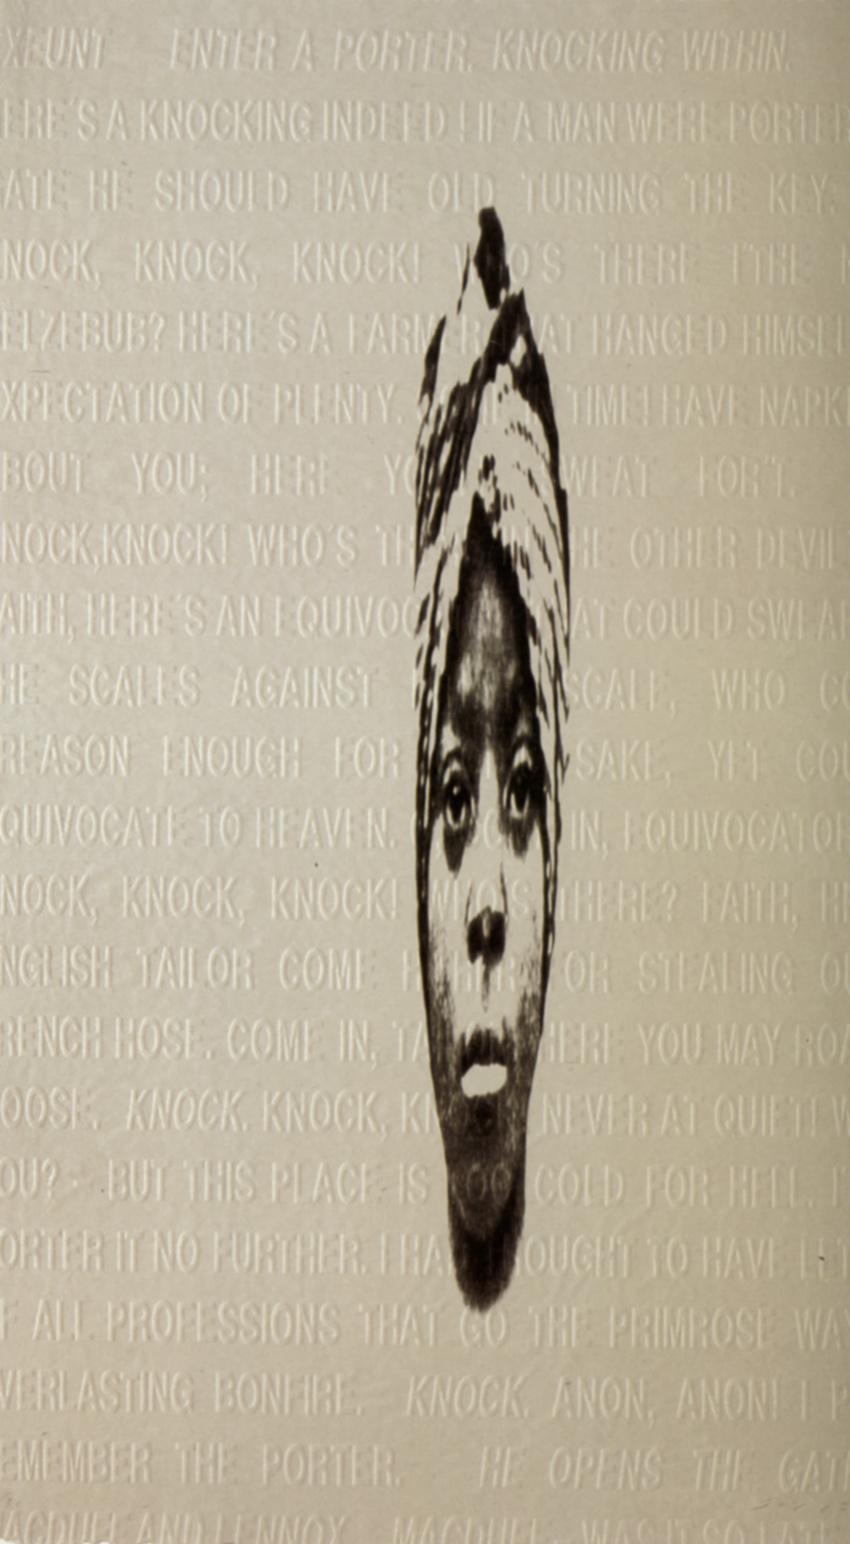 Anónimo III, 2005, litografía y aguafuerte, papel Japón Kôzo, 20 gr, 100 x 66 cm, ed. de 30 ejemplares + 5 PA + 3 HC.